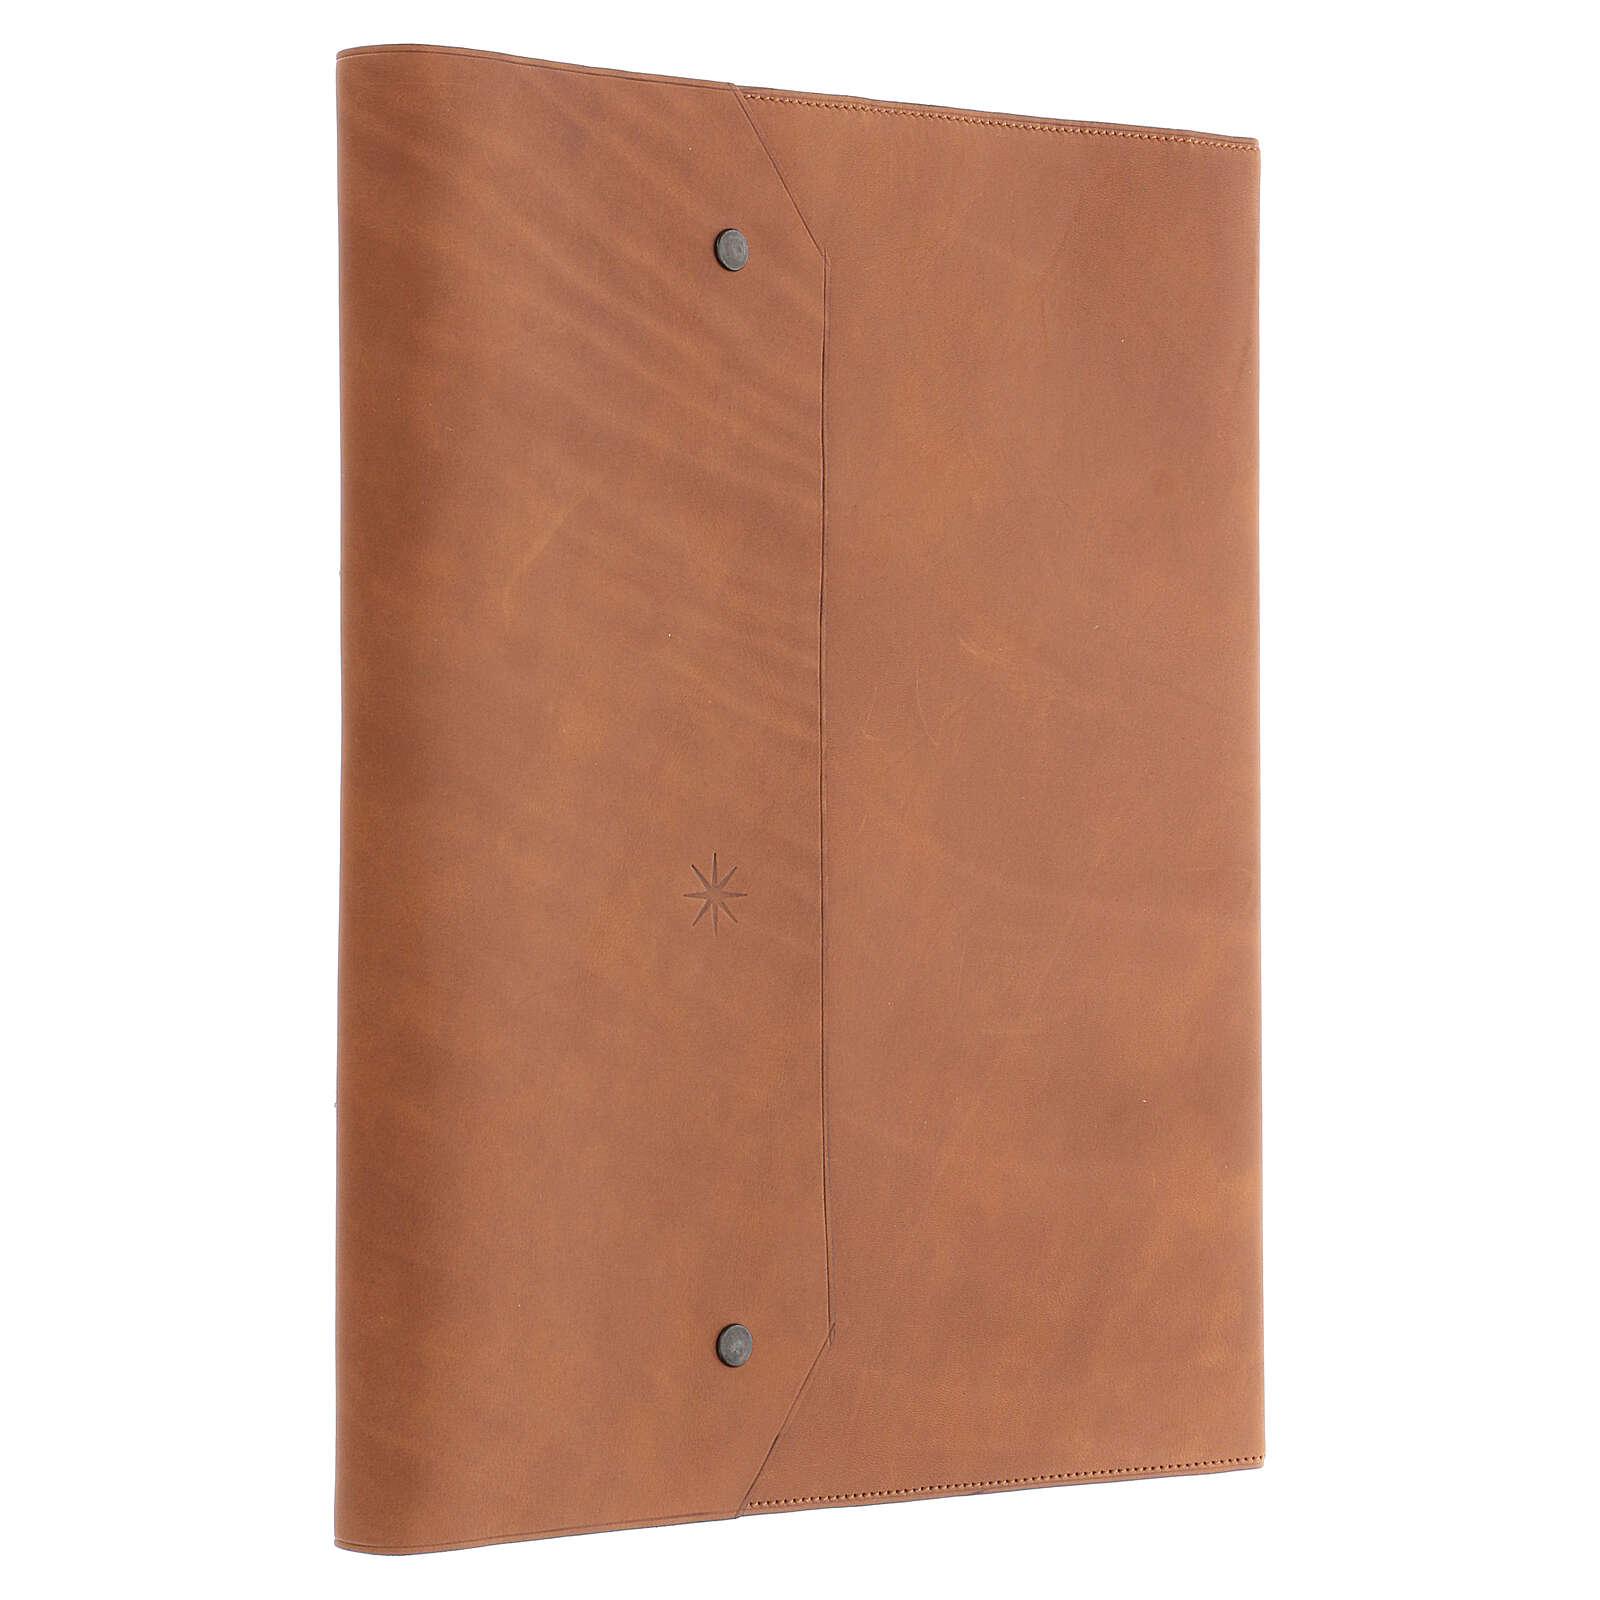 Calepin couverture cuir véritable marron étoile moins Bethléem 30x25x2 cm 3